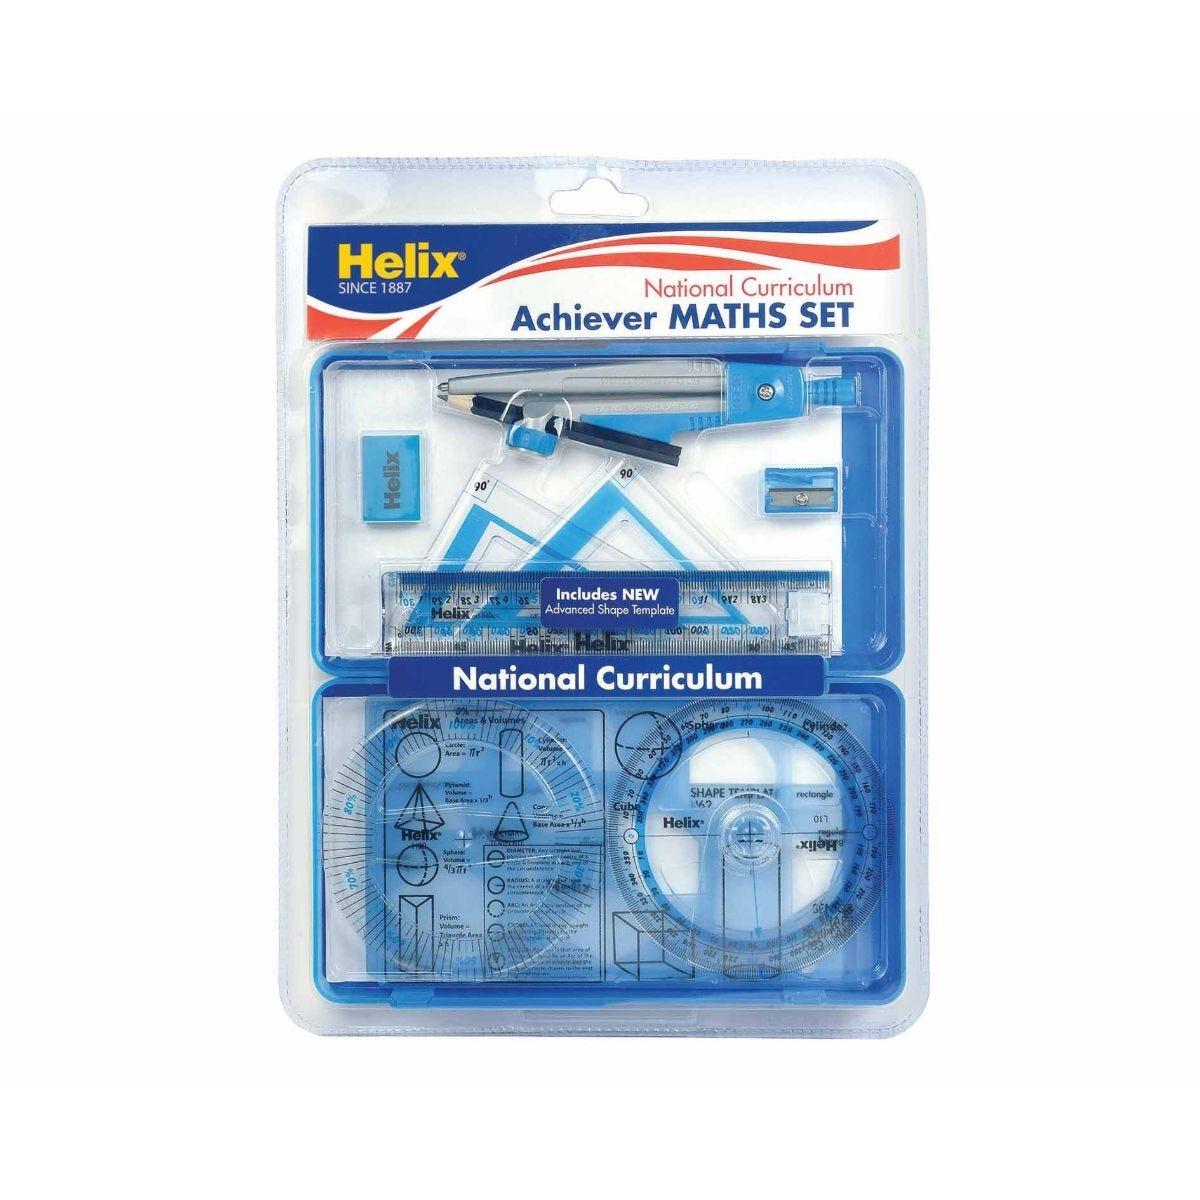 Helix Achiever Maths Set